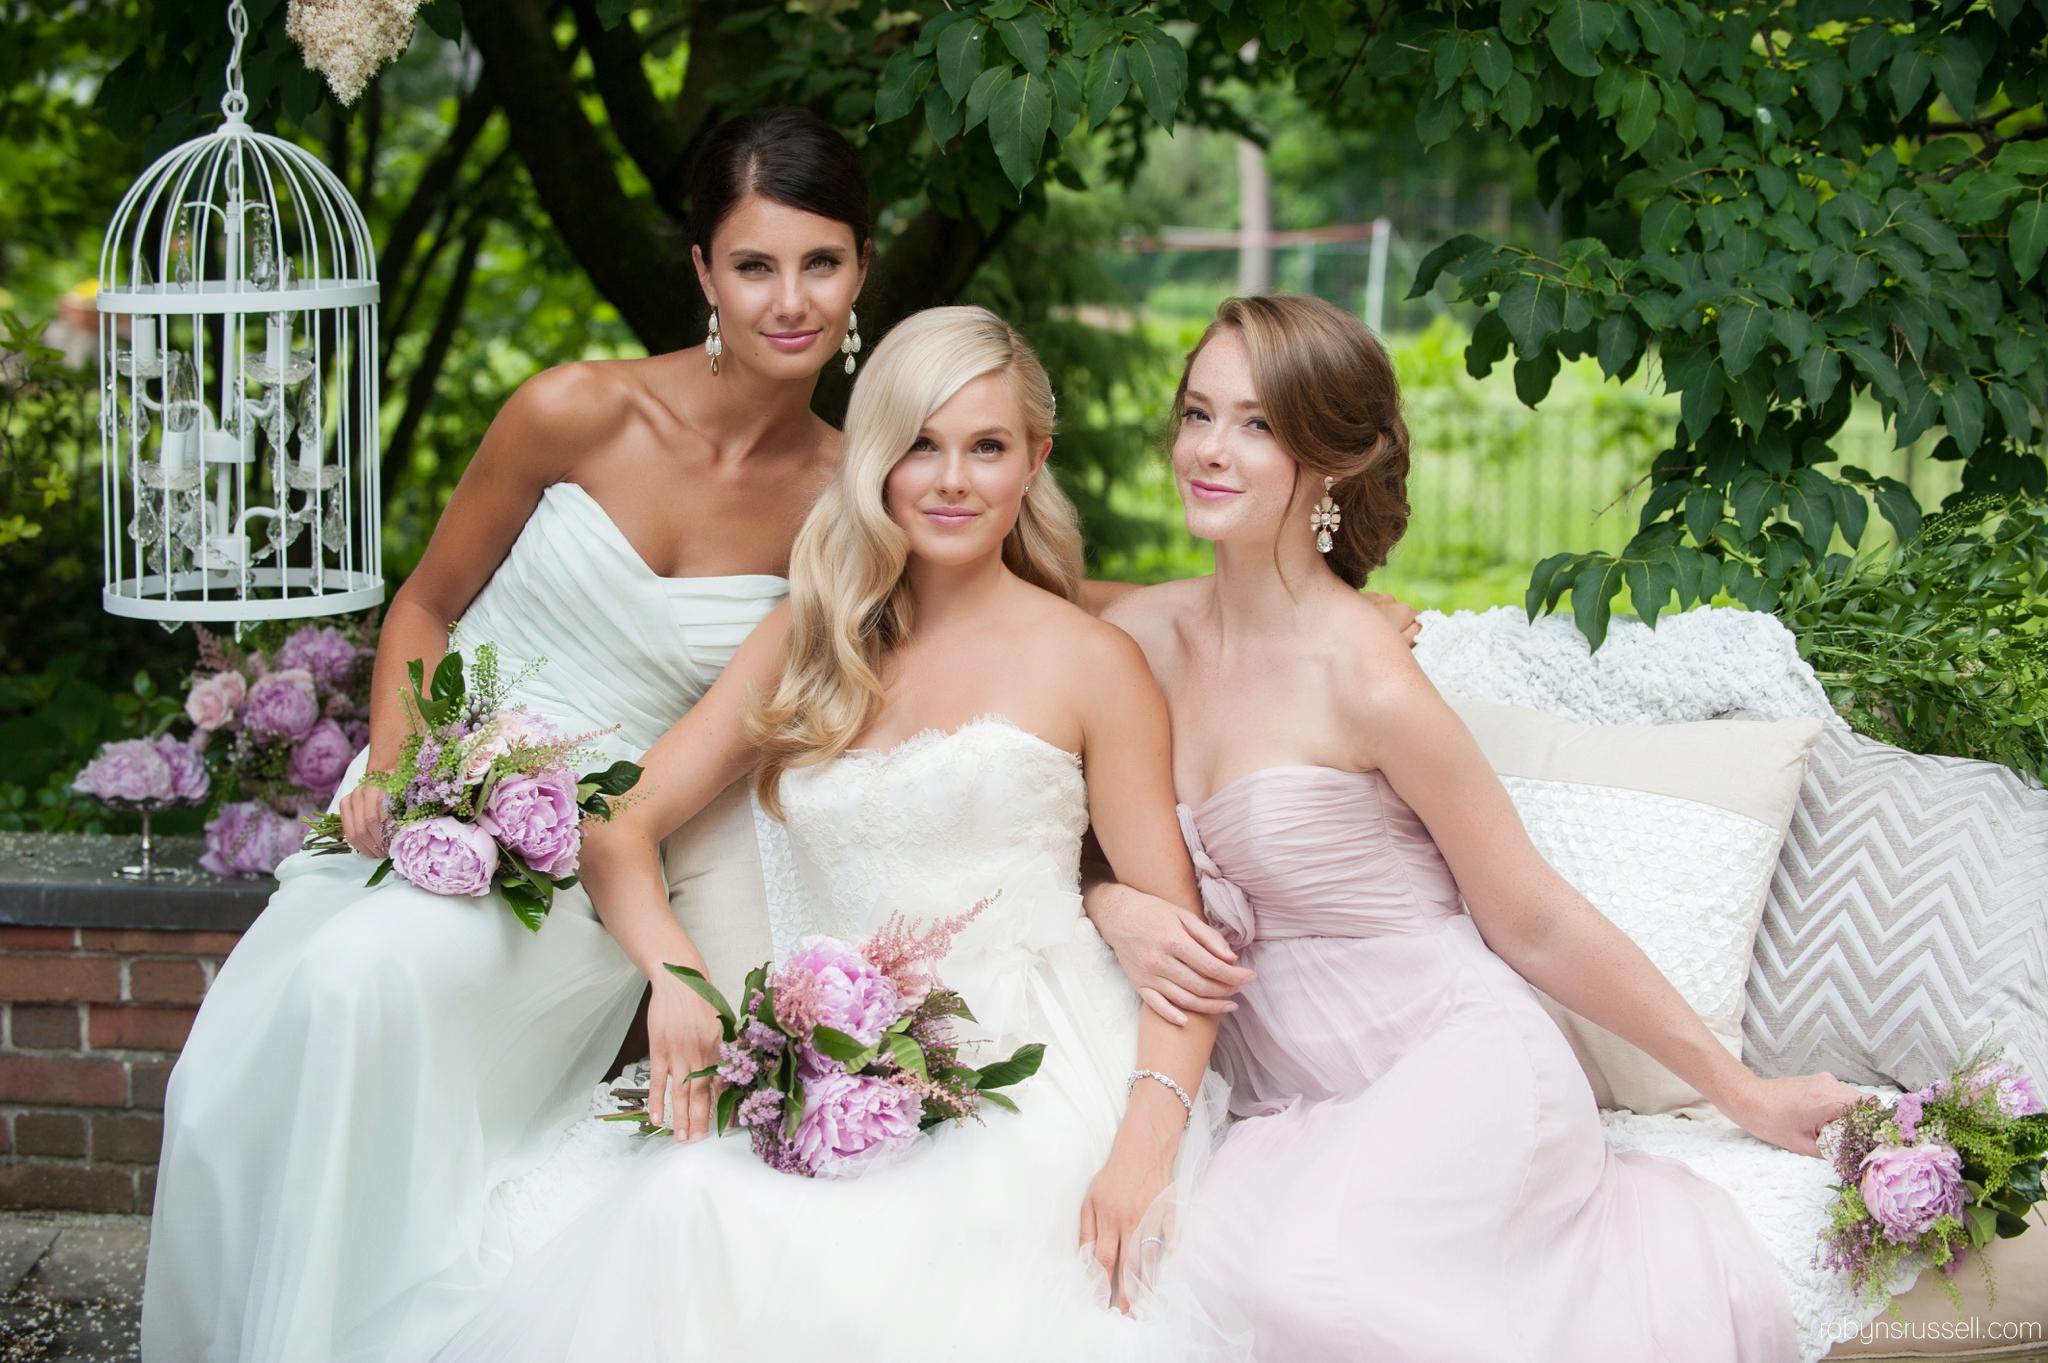 3-wedding-girls-outdoors-sunny-oakville-bridal.jpg